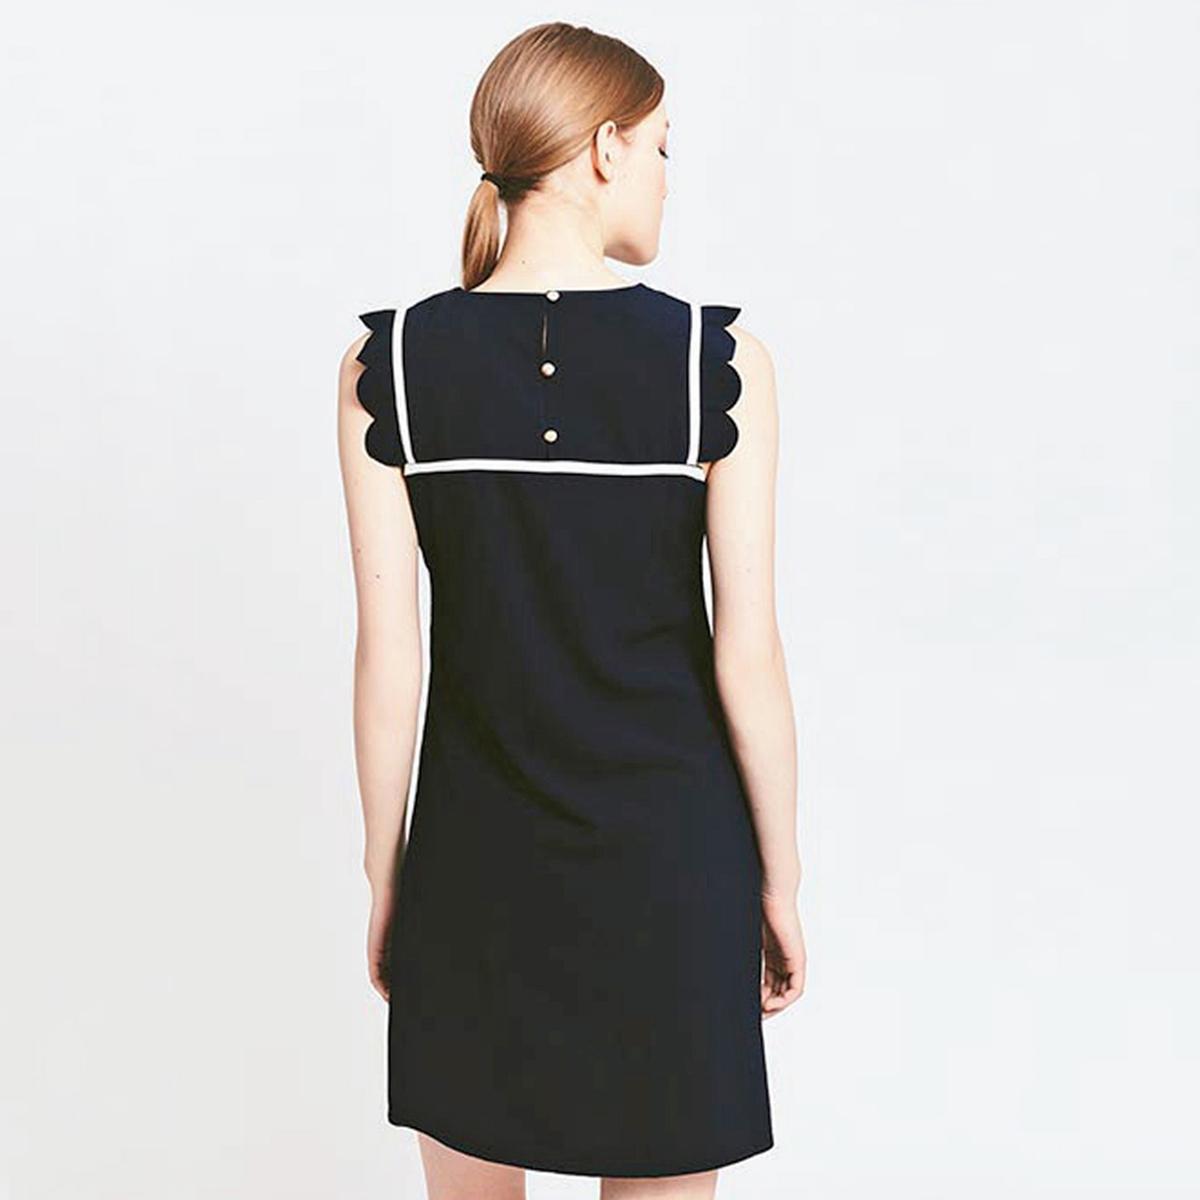 Платье прямое средней длины, однотонное, без рукавовОписаниеДетали •  Форма : прямая •  Длина до колен •  Без рукавов    •  Круглый вырез Состав и уход •  100% полиэстер •  Следуйте рекомендациям по уходу, указанным на этикетке изделия<br><br>Цвет: темно-синий<br>Размер: M